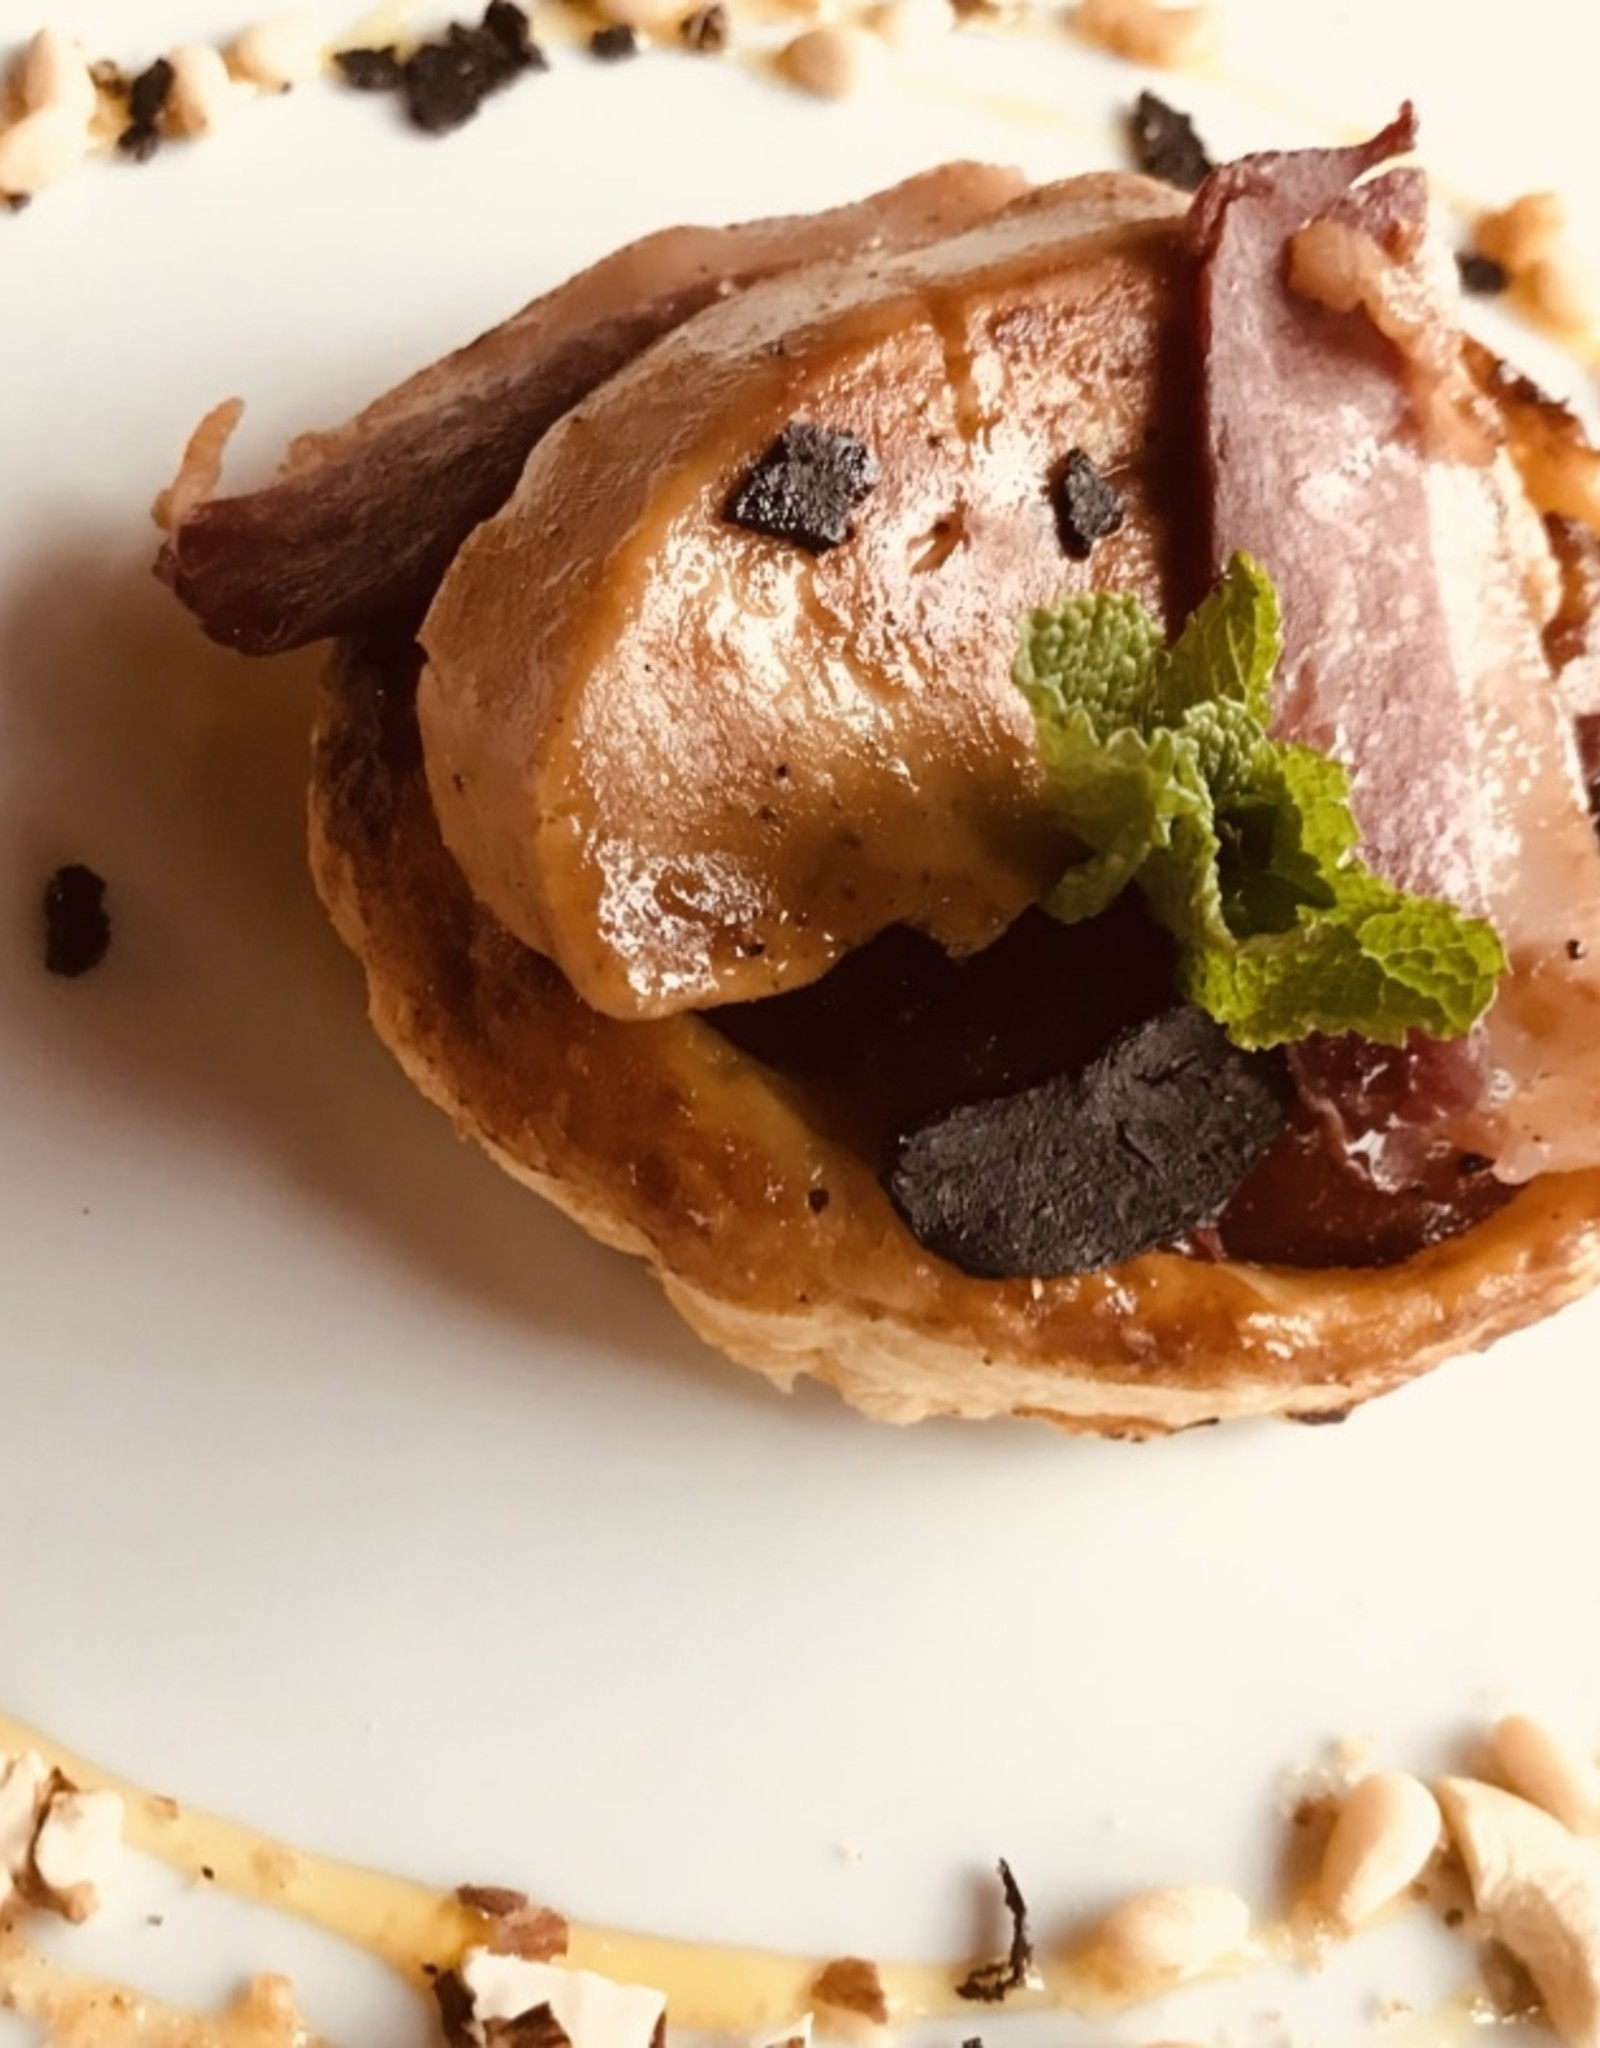 tarte-tatin van appel , gebakken eendelever, gerookte eendenborst , krokkante chips van bloedworst appel caramel met noten en gedroogd fruit